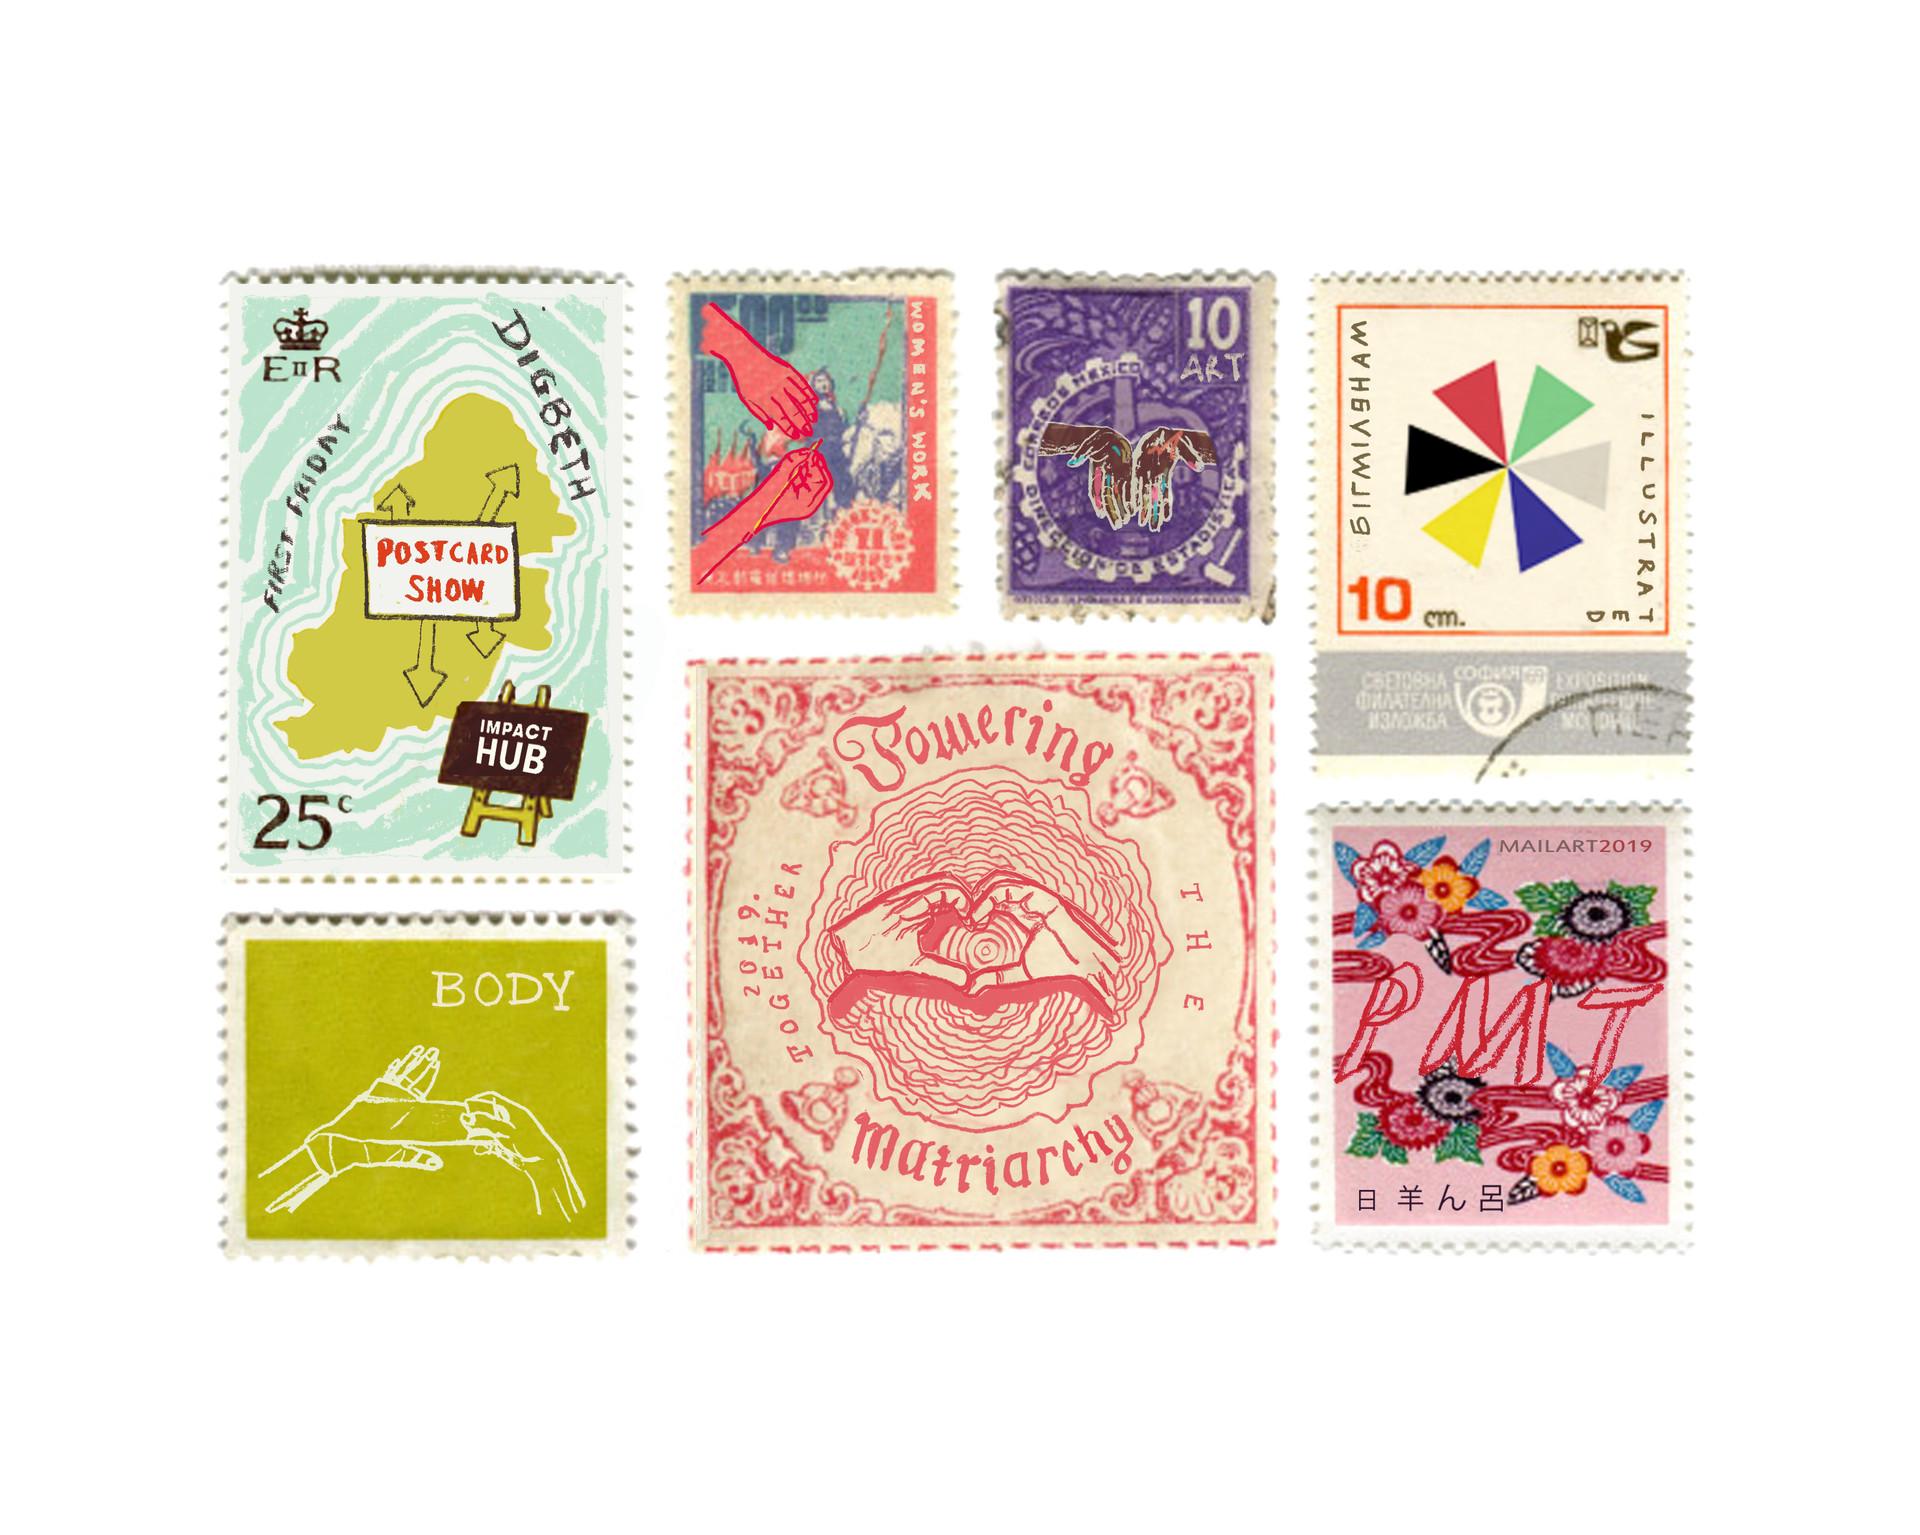 PMT Postcard Exhibition